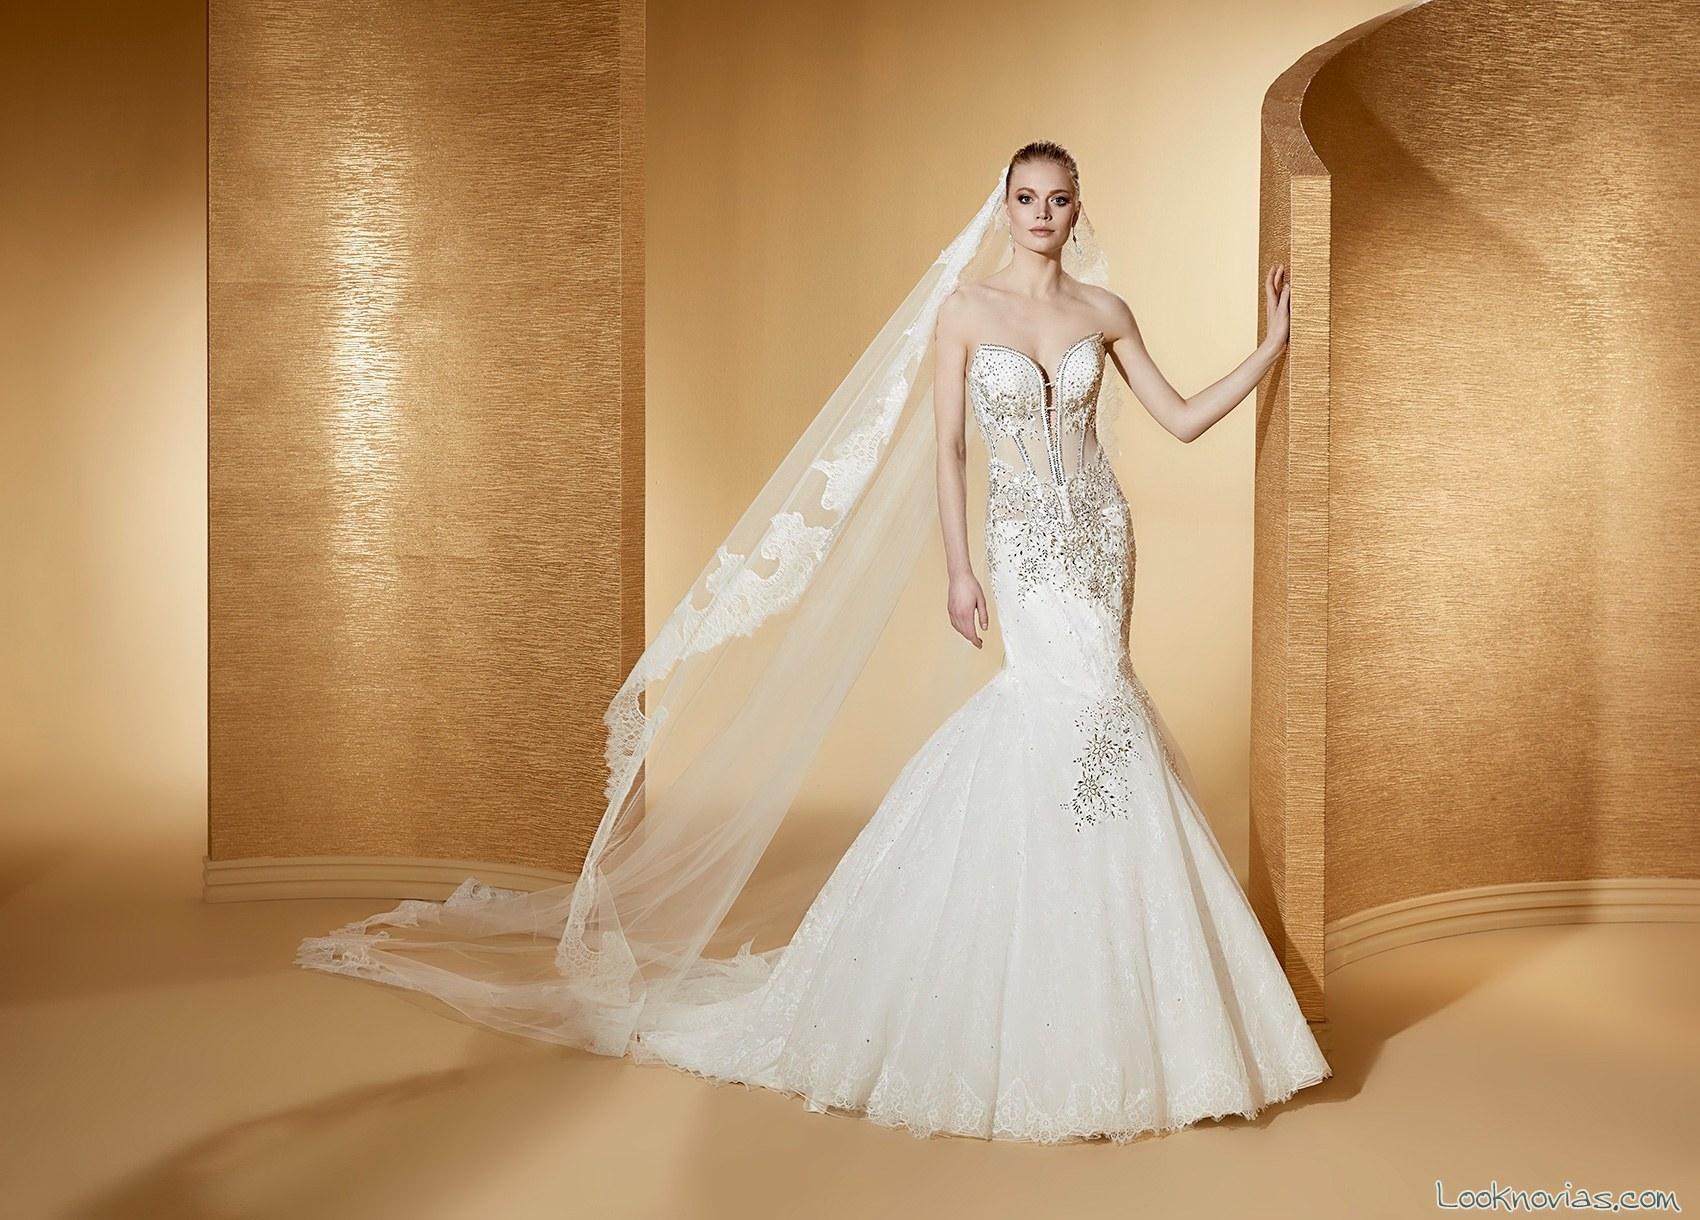 vestido novia cuerpo transparencias nicole spose